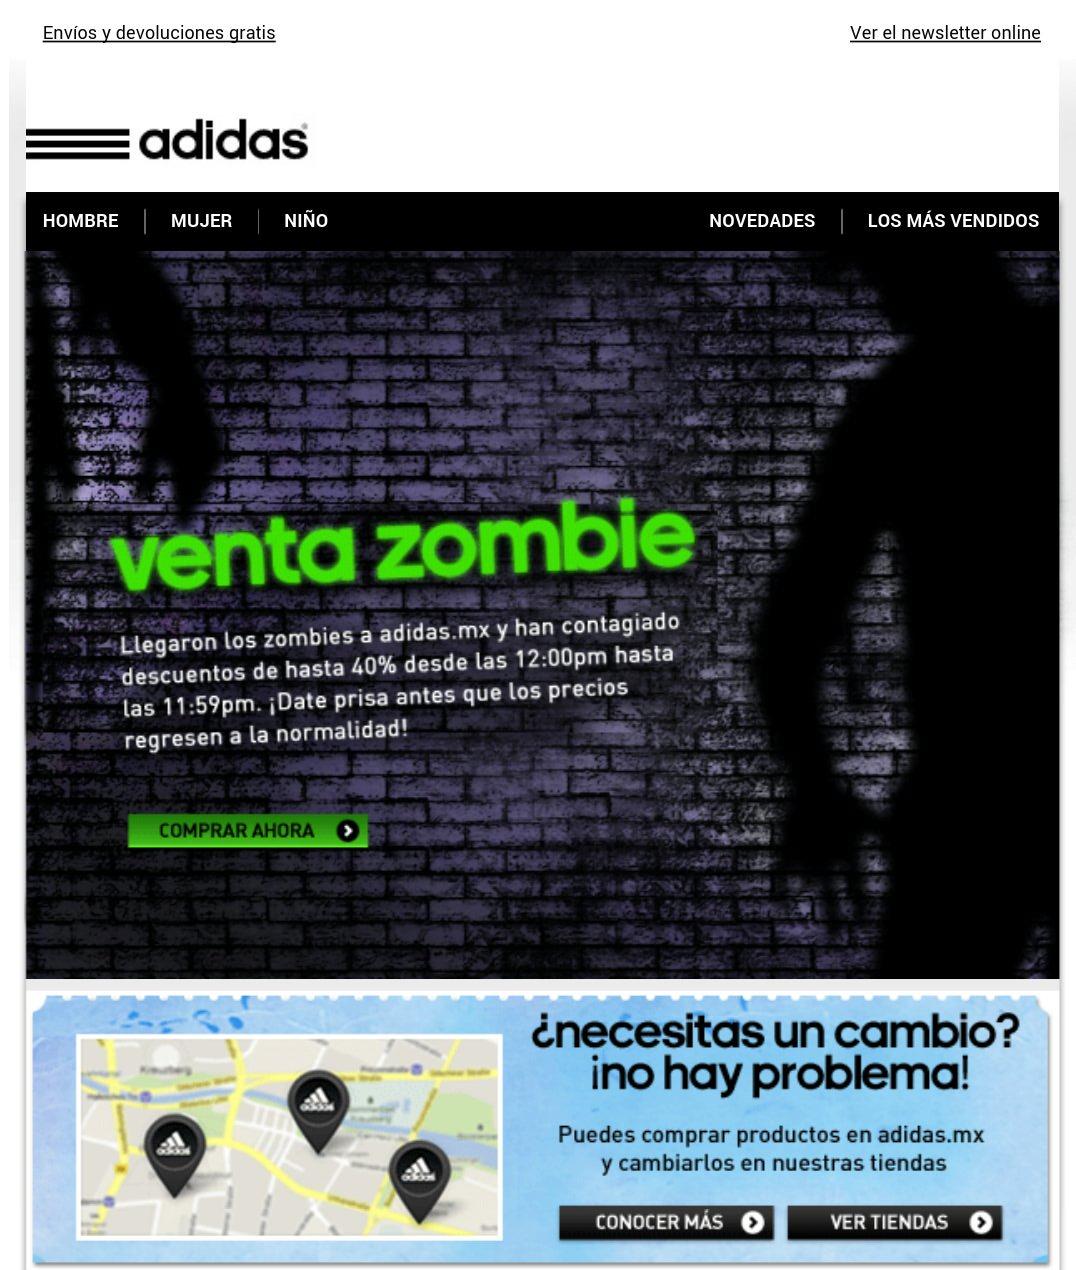 ADIDAS - Llego la venta zombie con hasta 40% de descuento